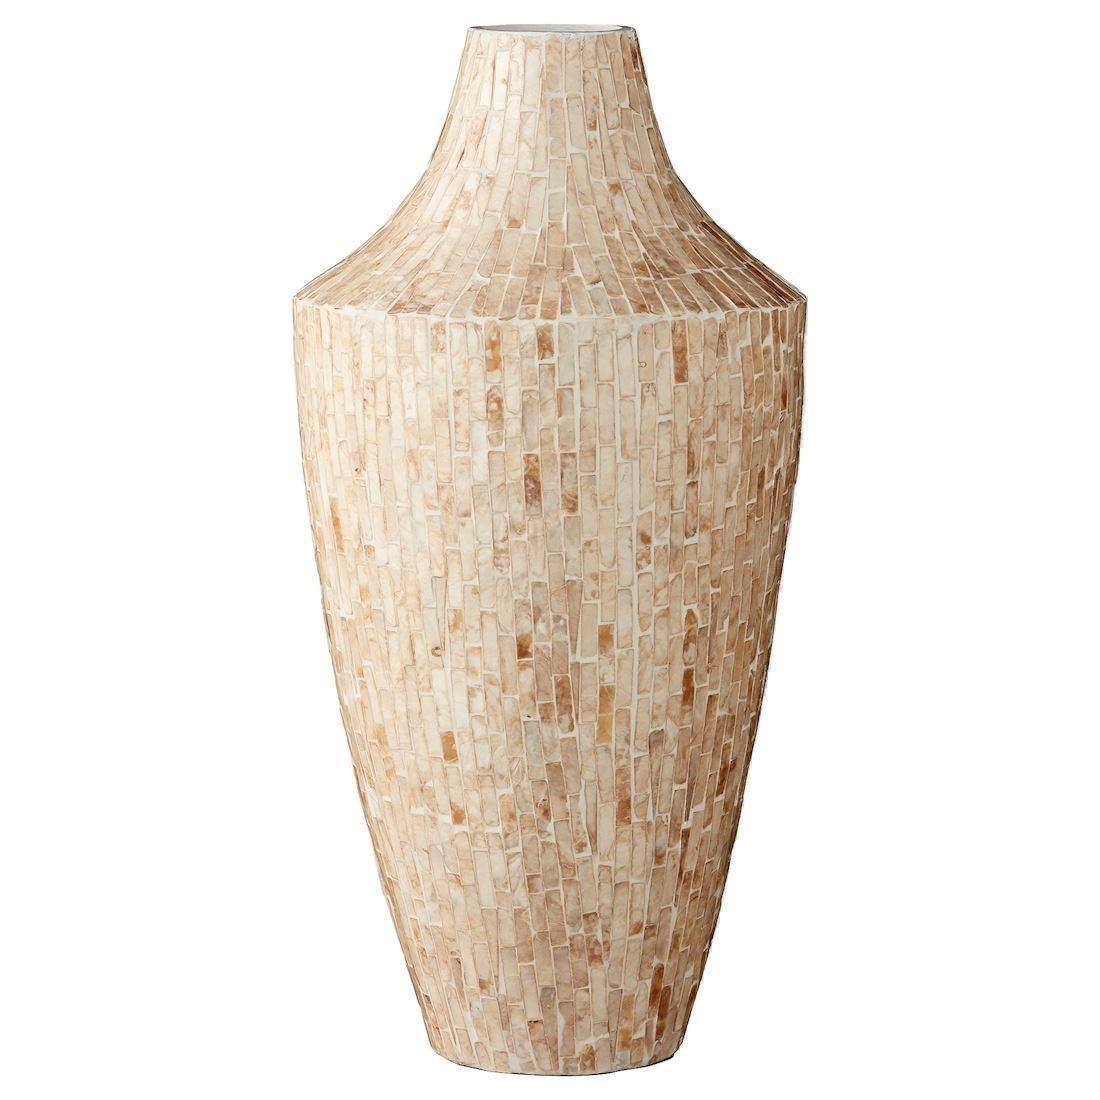 Image of Adina høj vase 52 cm fra Lene Bjerre